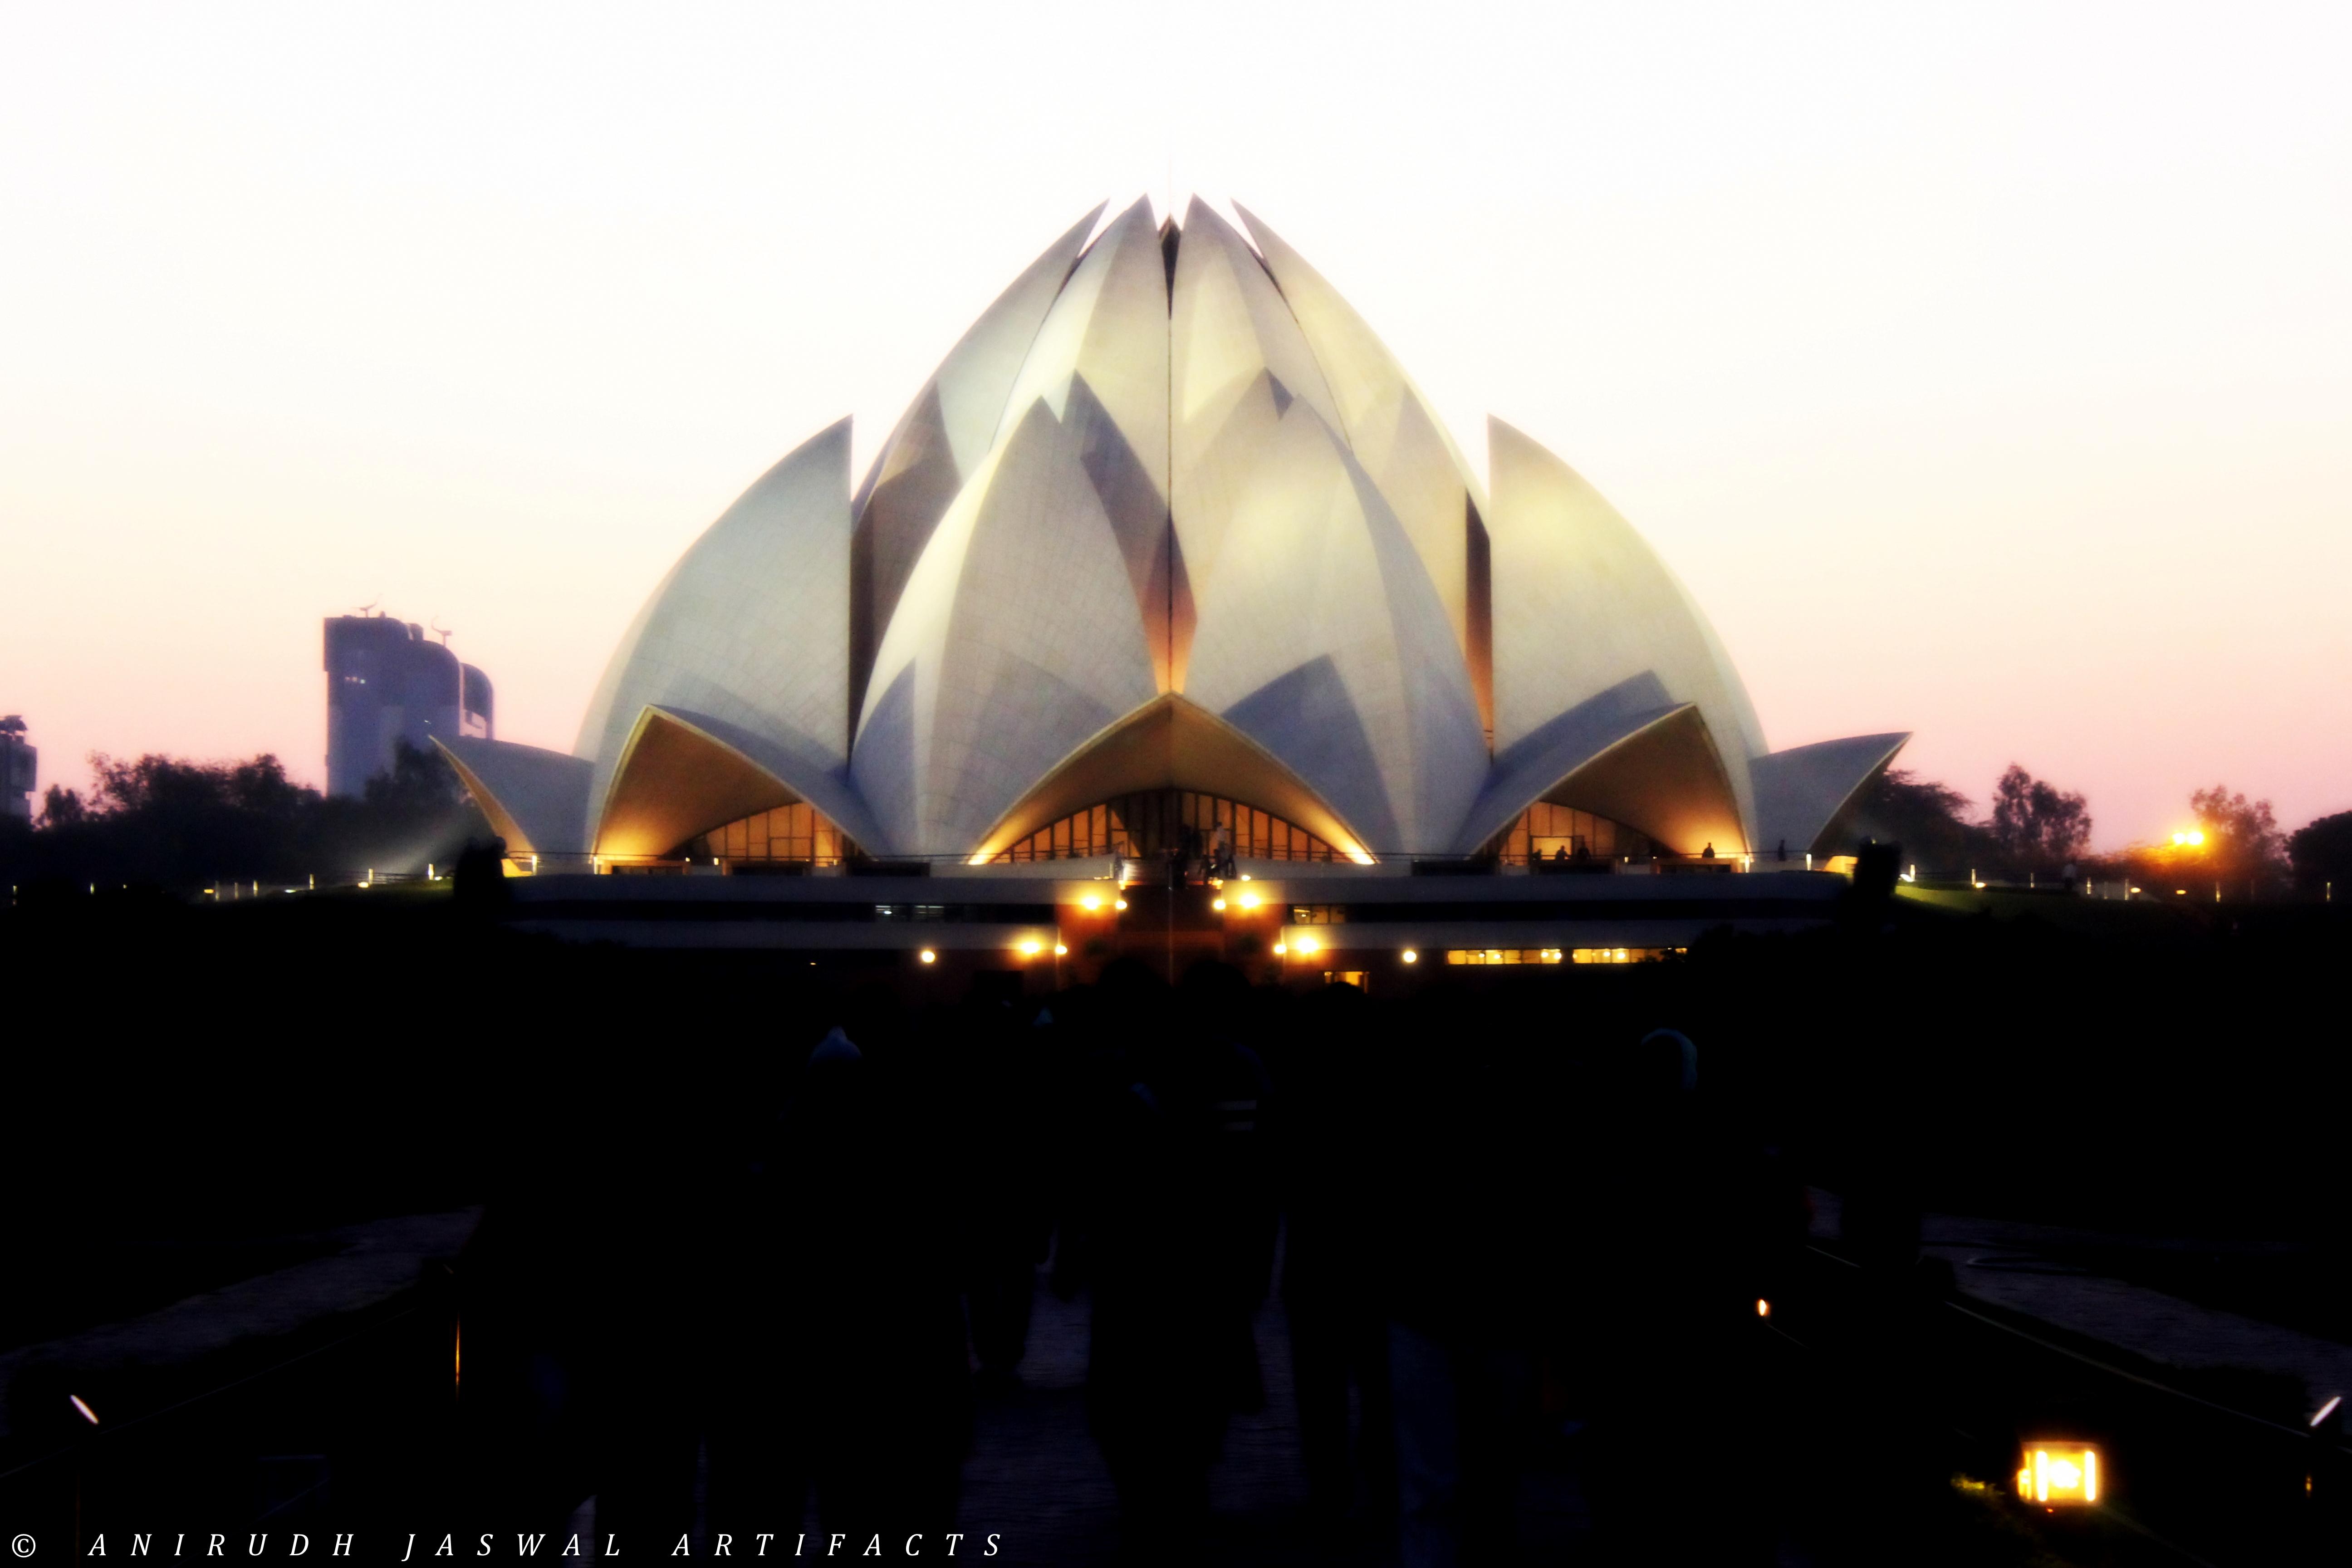 Incredible India Lotus Temple Desktop and mobile wallpaper 5184x3456